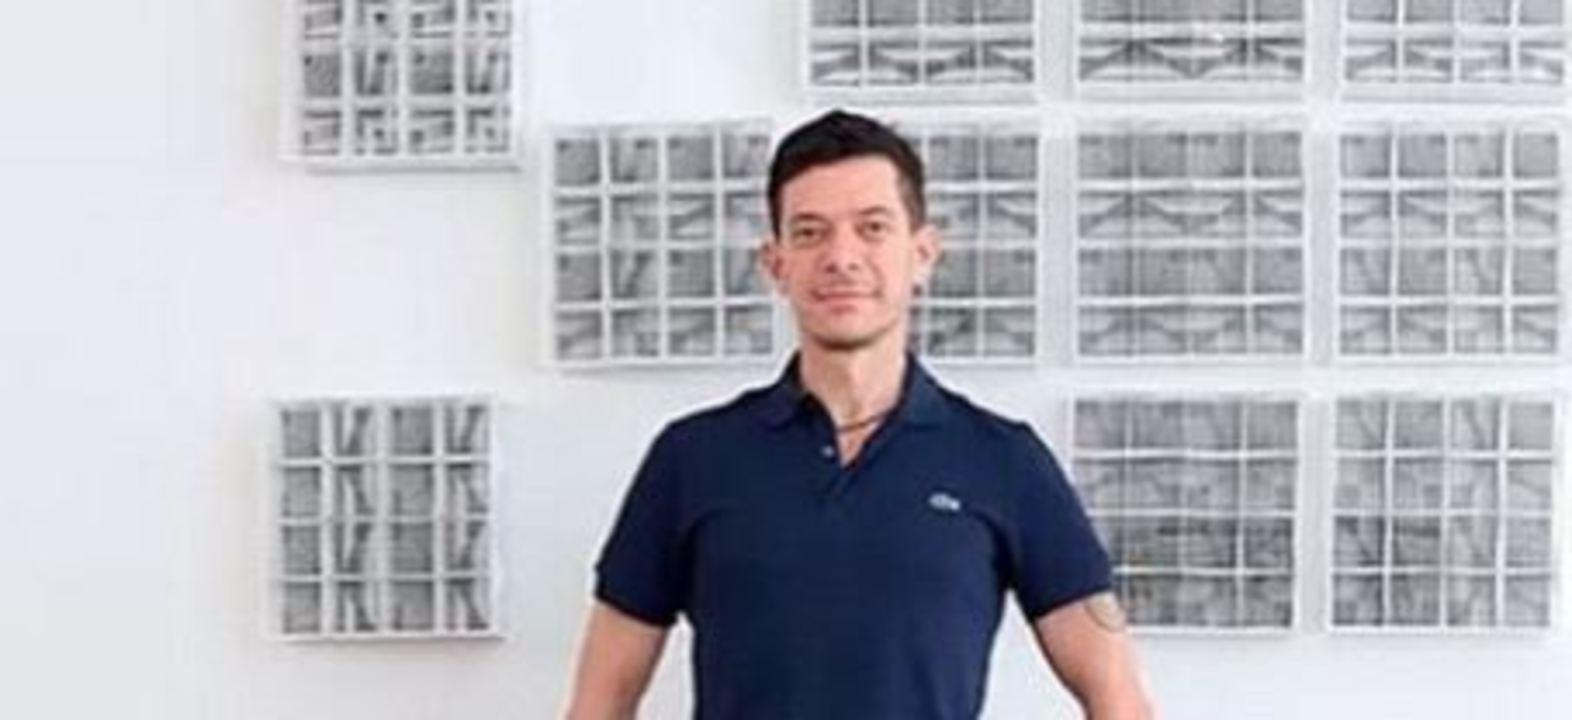 Morre o arquiteto André Piva, aos 52 anos, no Rio de Janeiro